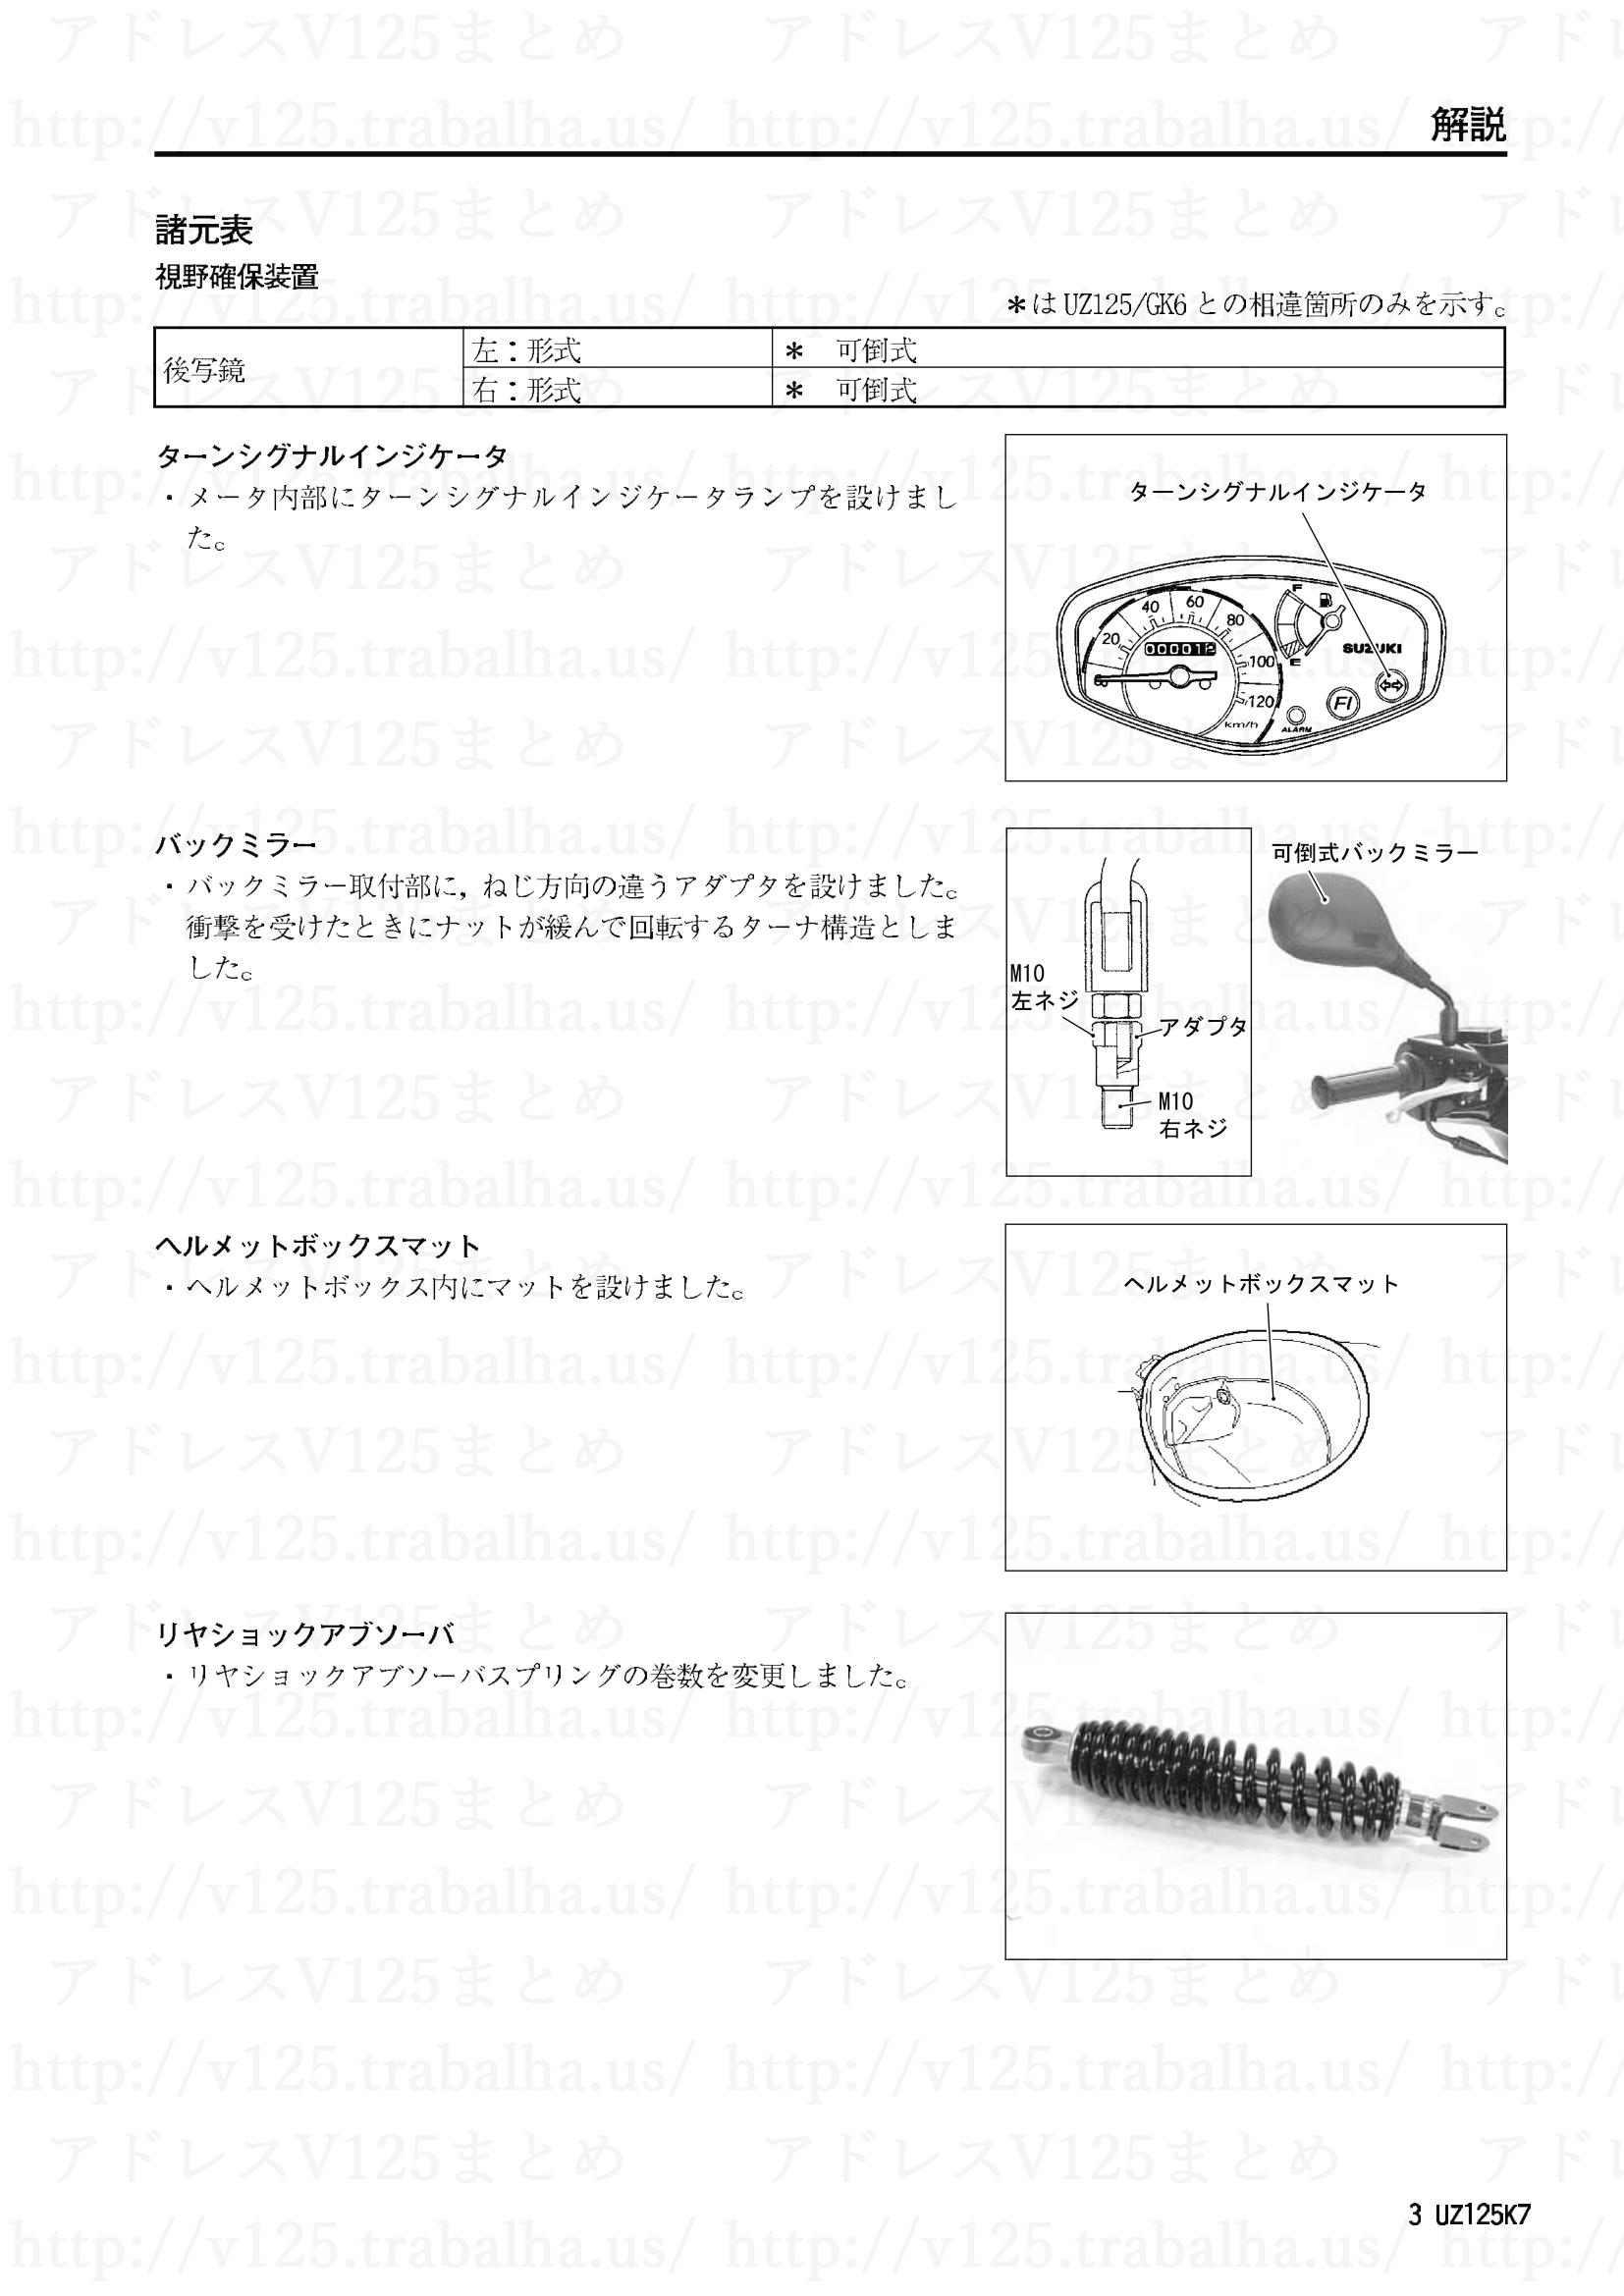 追補【UZ125K7/UZ125GK7】旧モデルとの主な相違点3